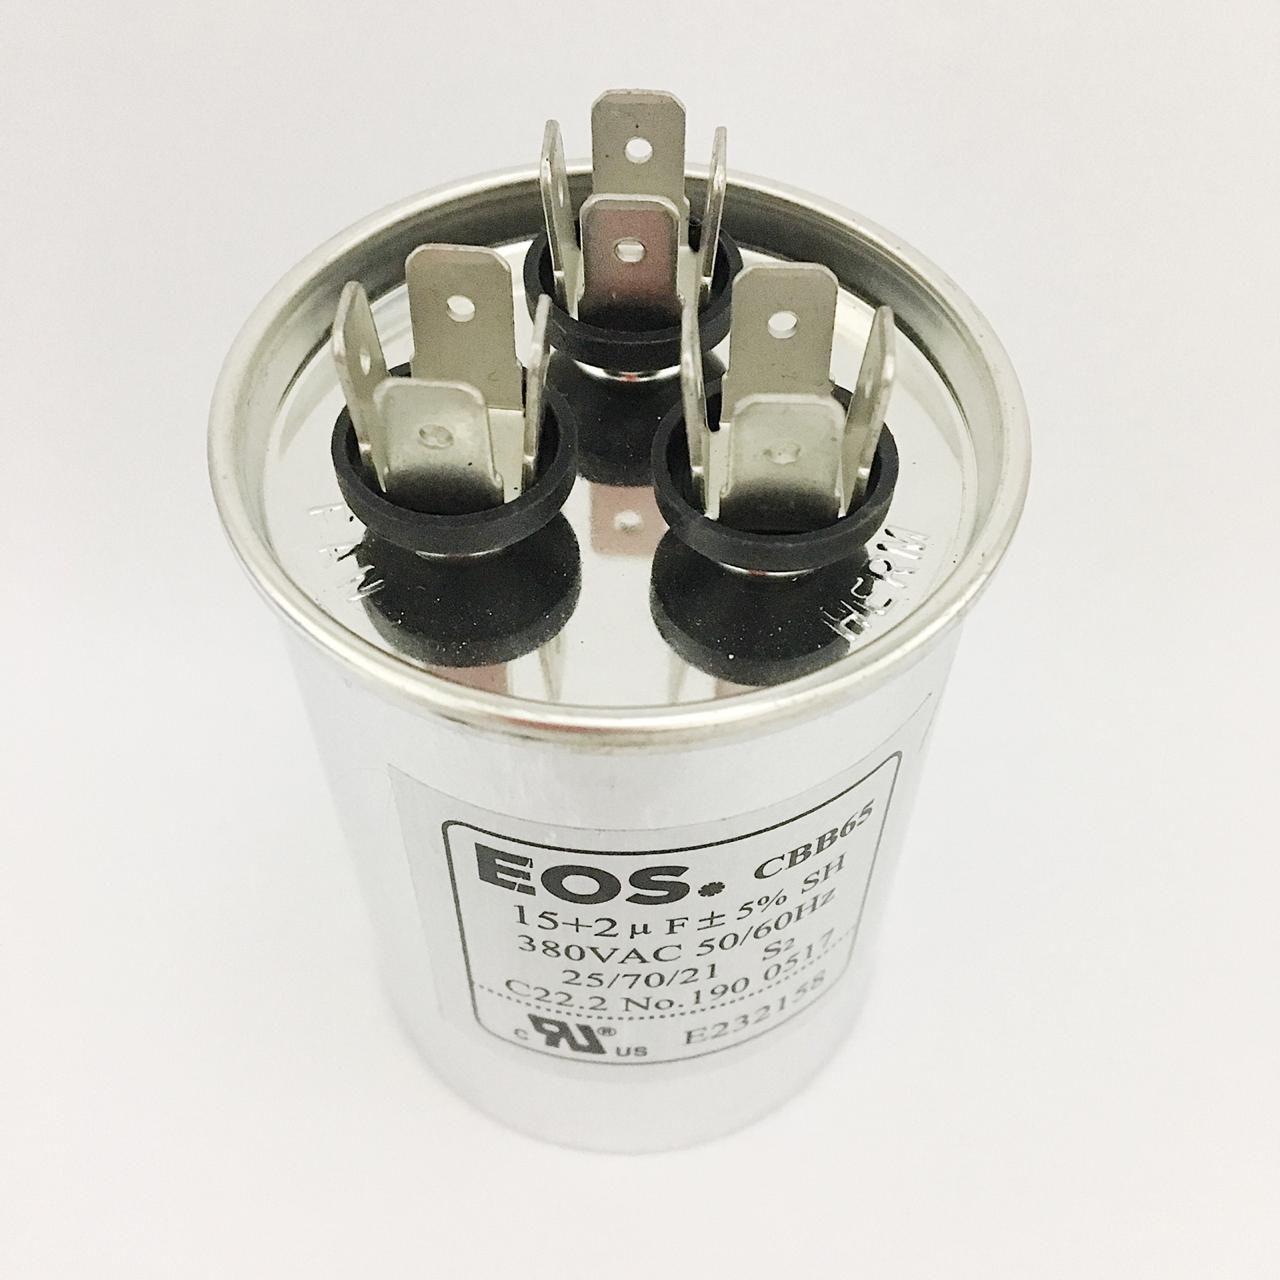 Capacitor 15+2 MFD 380V 50/60Hz